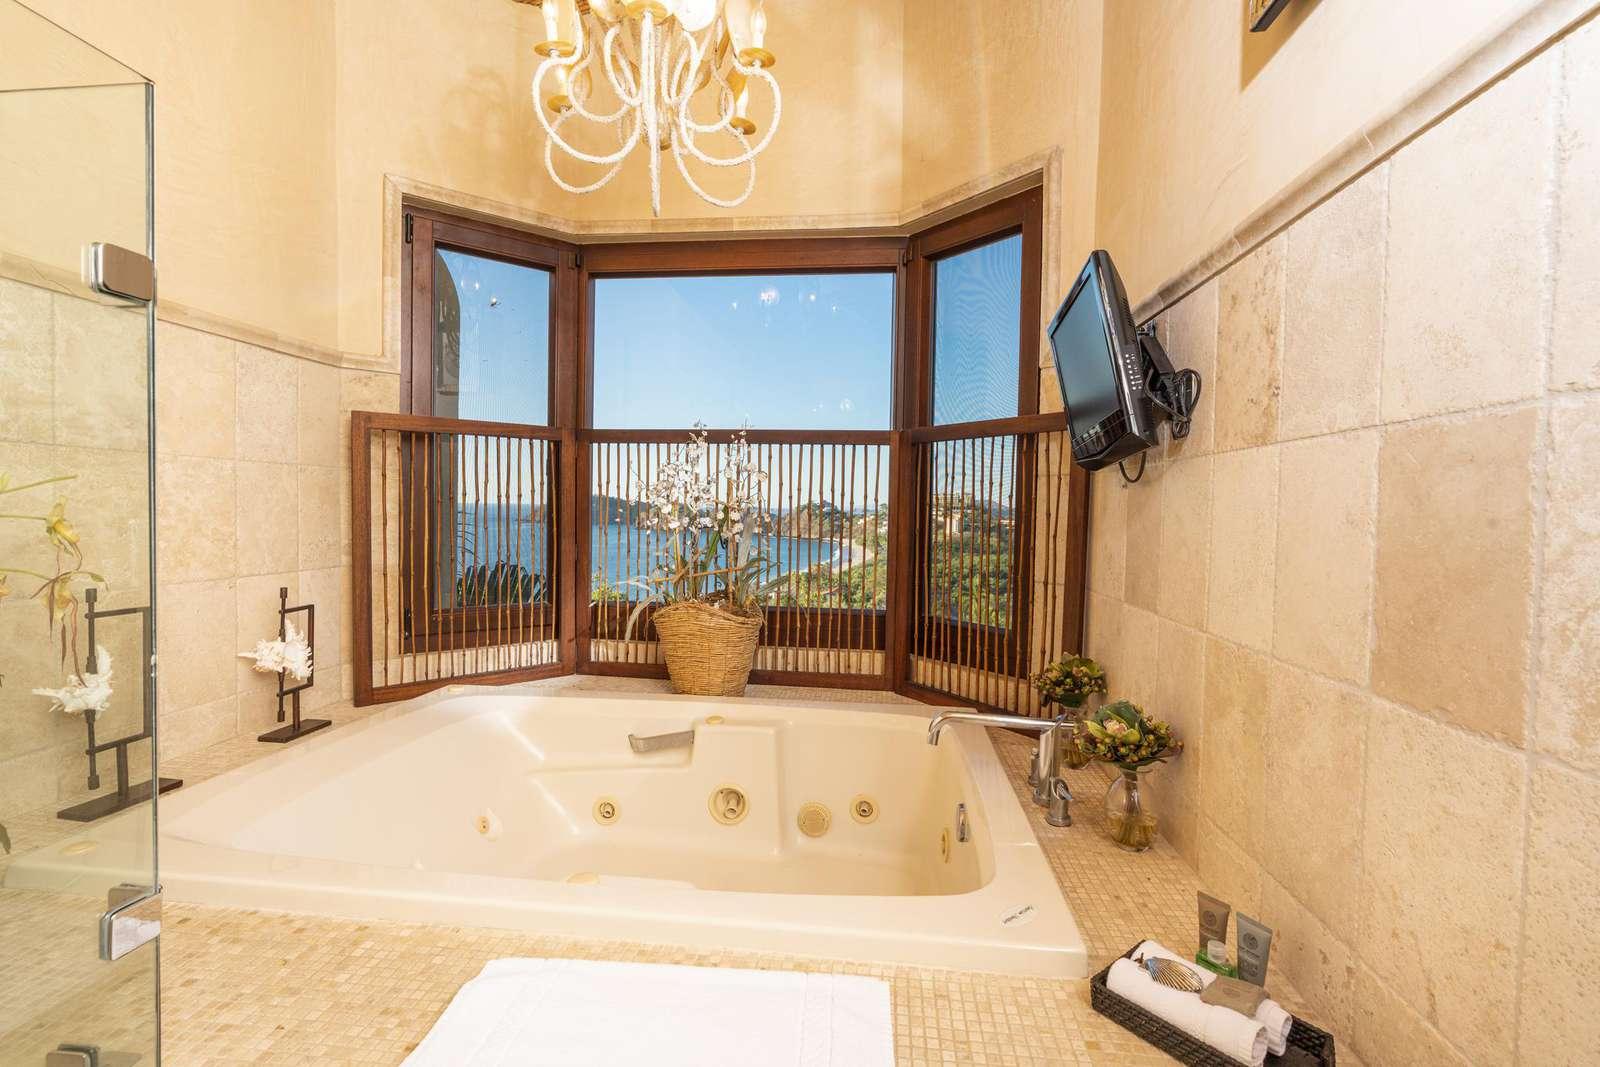 Master bathroom, jacuzzi tub, walk in shower, dual vanity